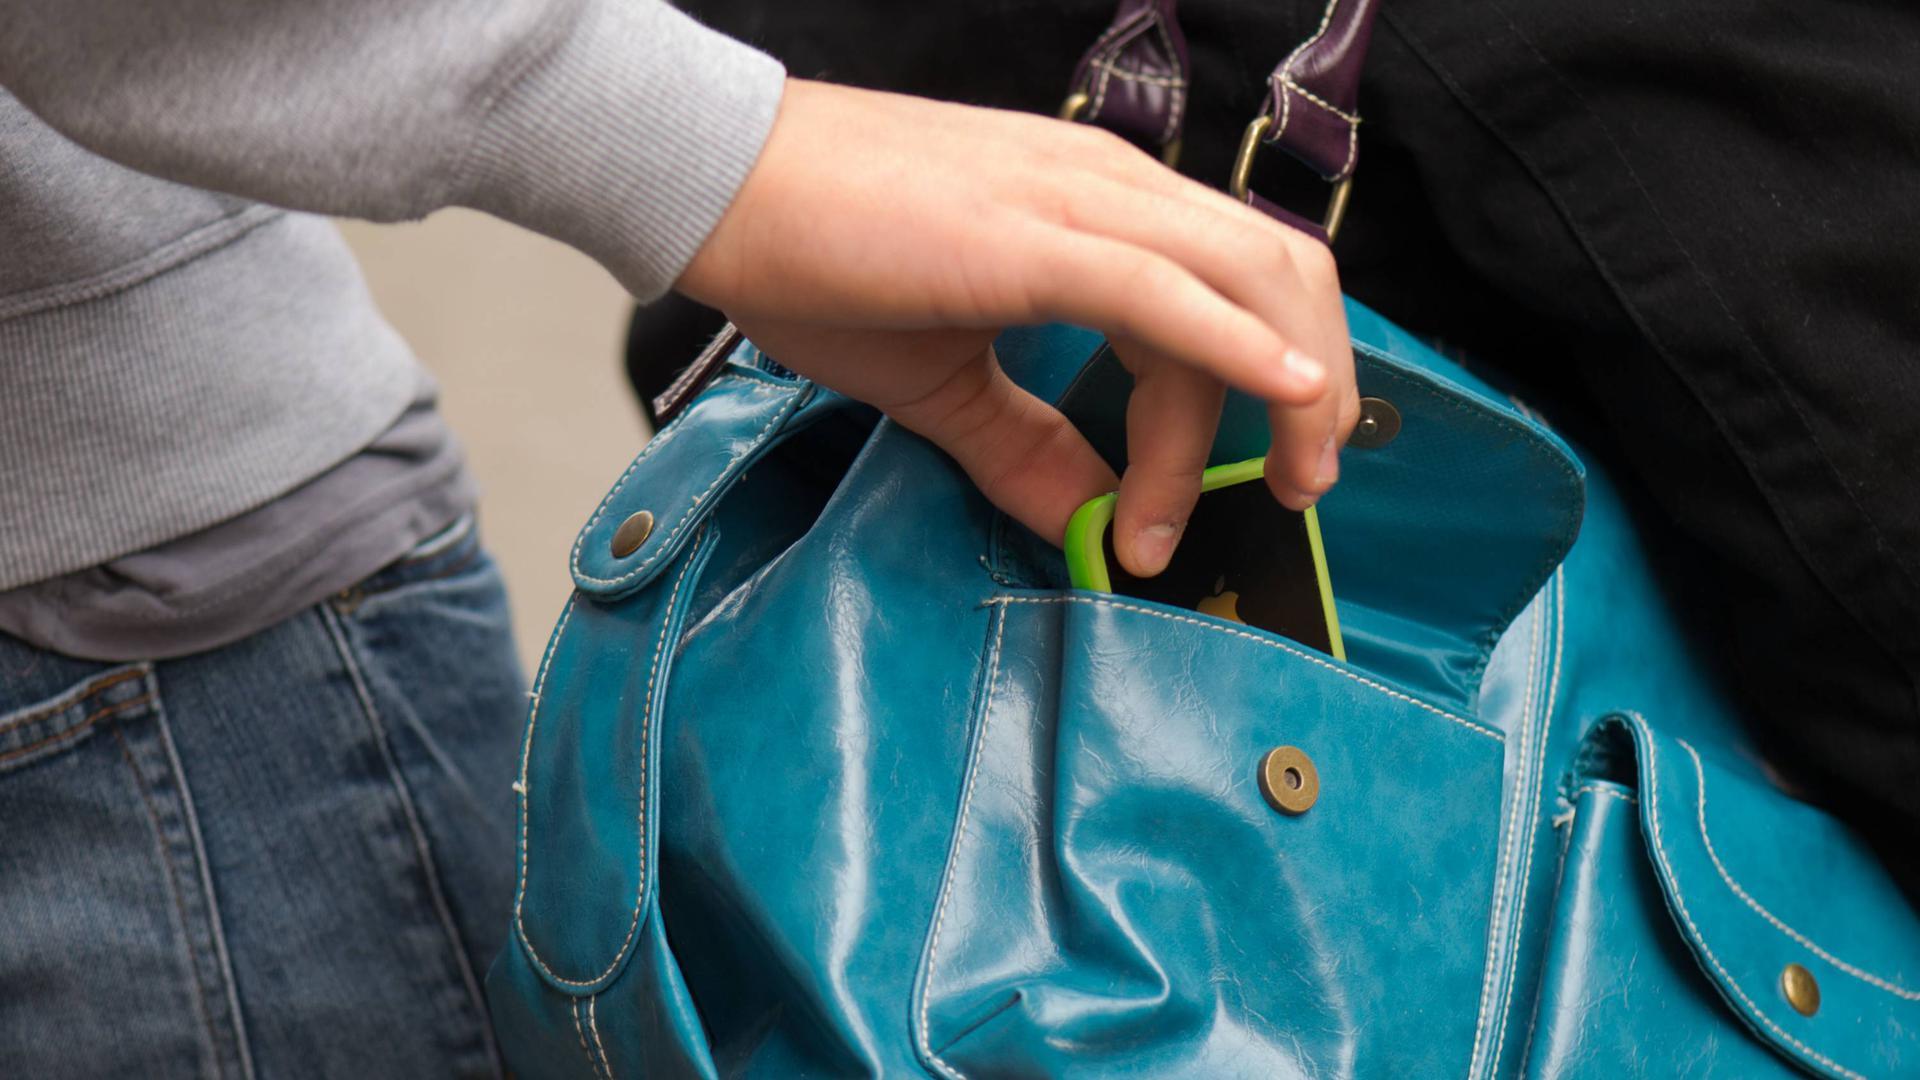 """ARCHIV - ILLUSTRATION - Ein Mann stiehlt am 21.08.2014 einer Frau an einer Bus- und Straßenbahnhaltestelle in Dresden (Sachsen) ein Smartphone aus einer Handtasche (gestellte Szene).  Foto: Arno Burgi/dpa (zu dpa """"Schnäppchen im Schlussverkauf locken auch Taschendiebe an"""" vom 06.08.2016) +++(c) dpa - Bildfunk+++   Verwendung weltweit"""